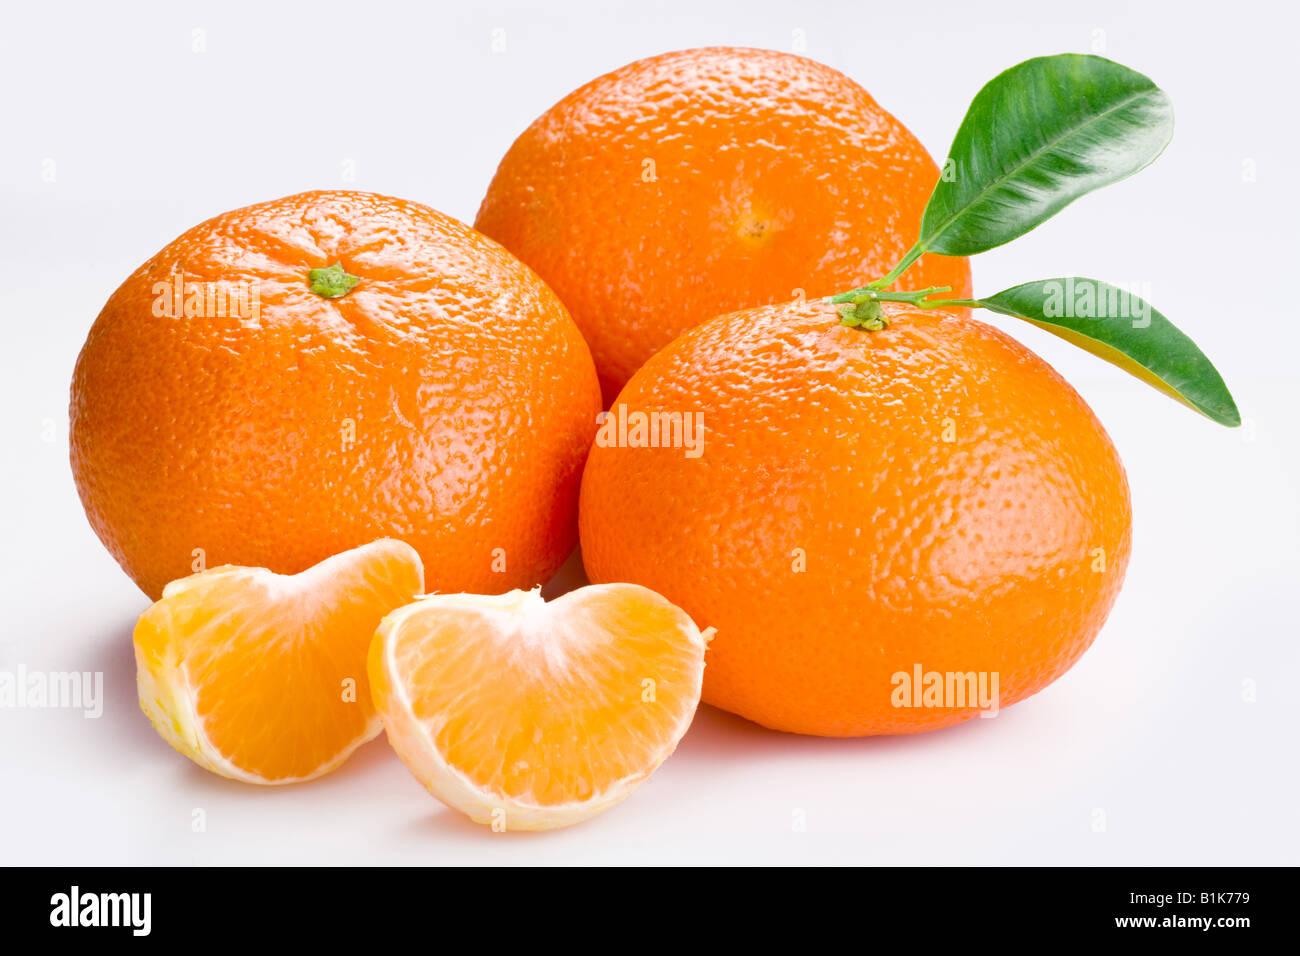 mandarine tangerine - Stock Image